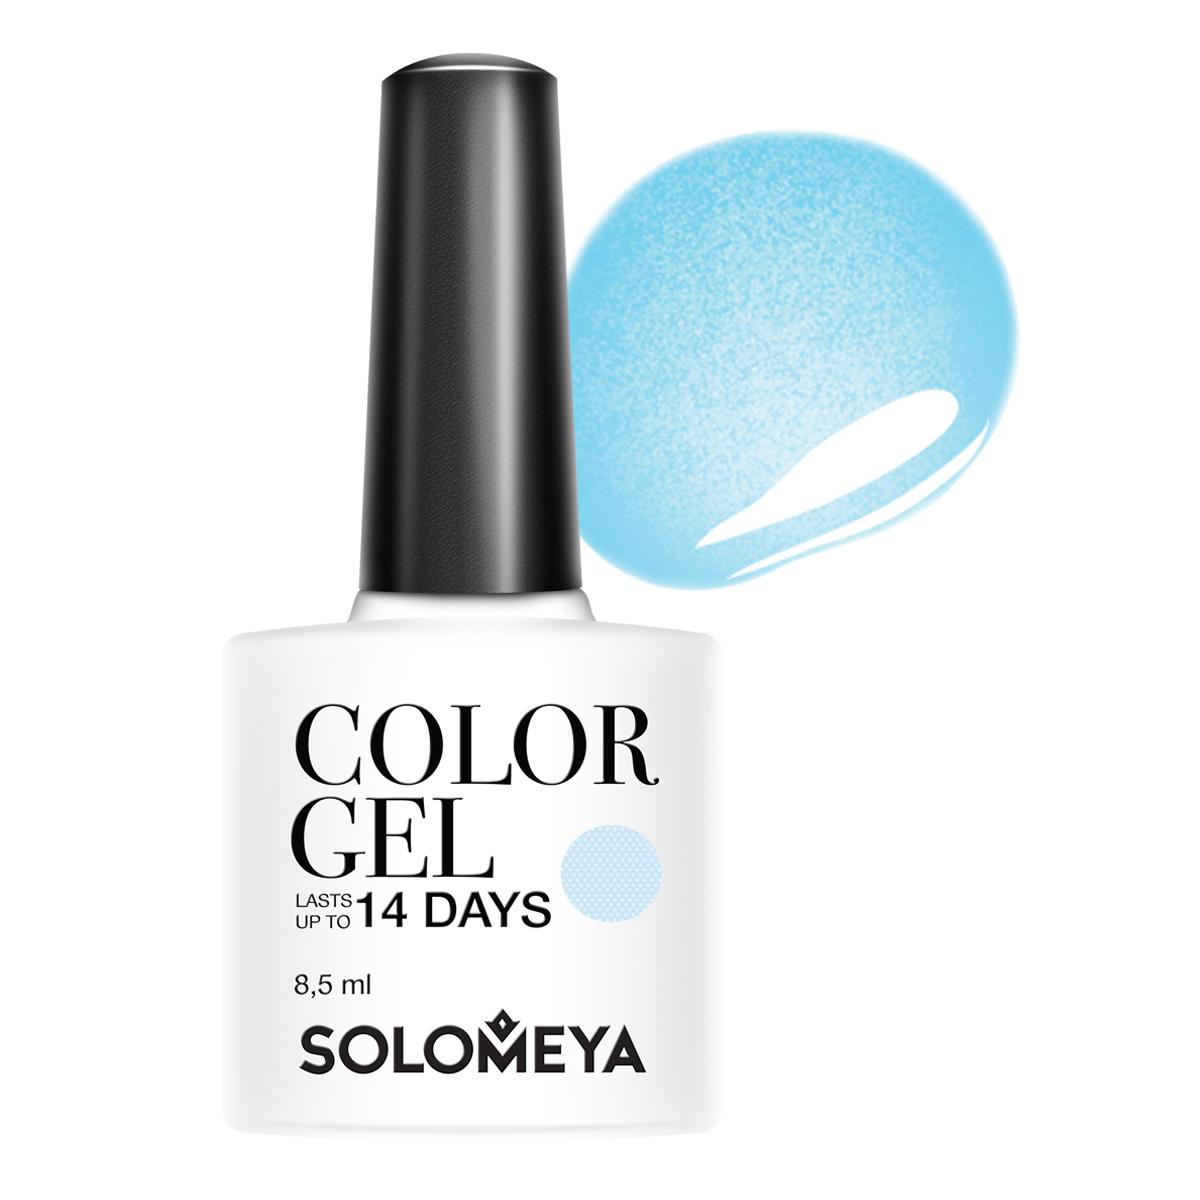 SOLOMEYA Гель-лак для ногтей SCGP001 Райская птица / Color Gel Paradise bird 8,5мл гель лак для ногтей solomeya color gel beret scg034 берет 8 5 мл